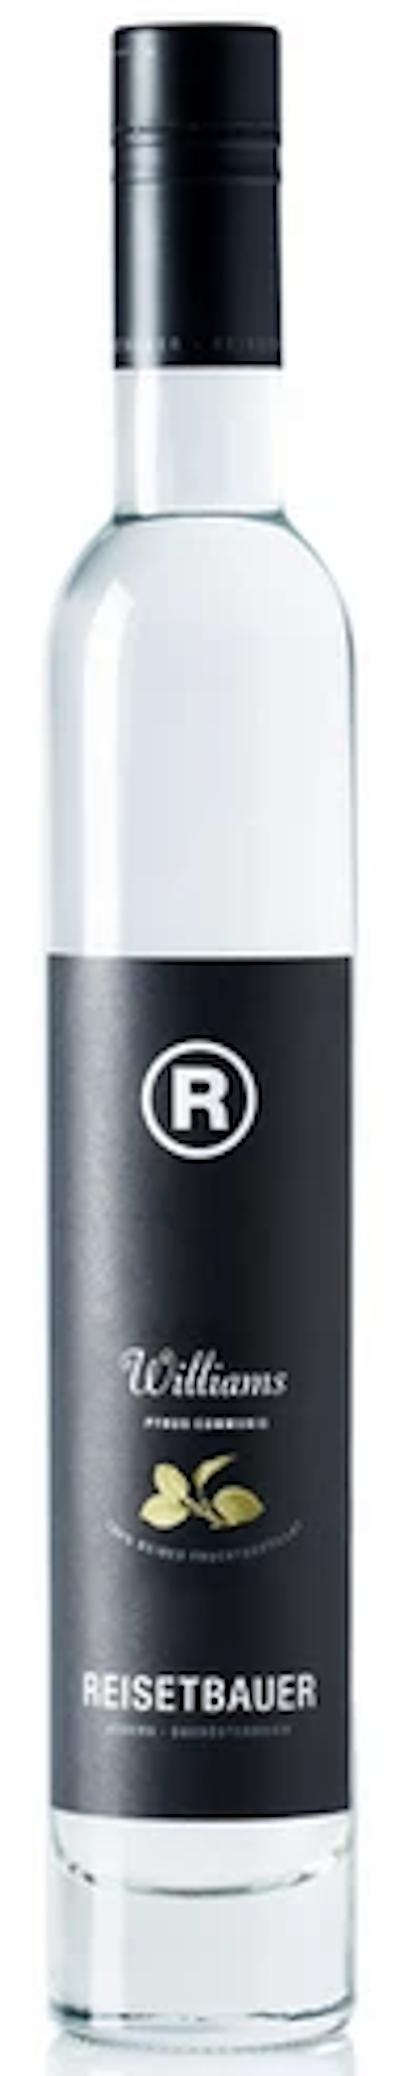 Reisetbauer - Williamsbrand